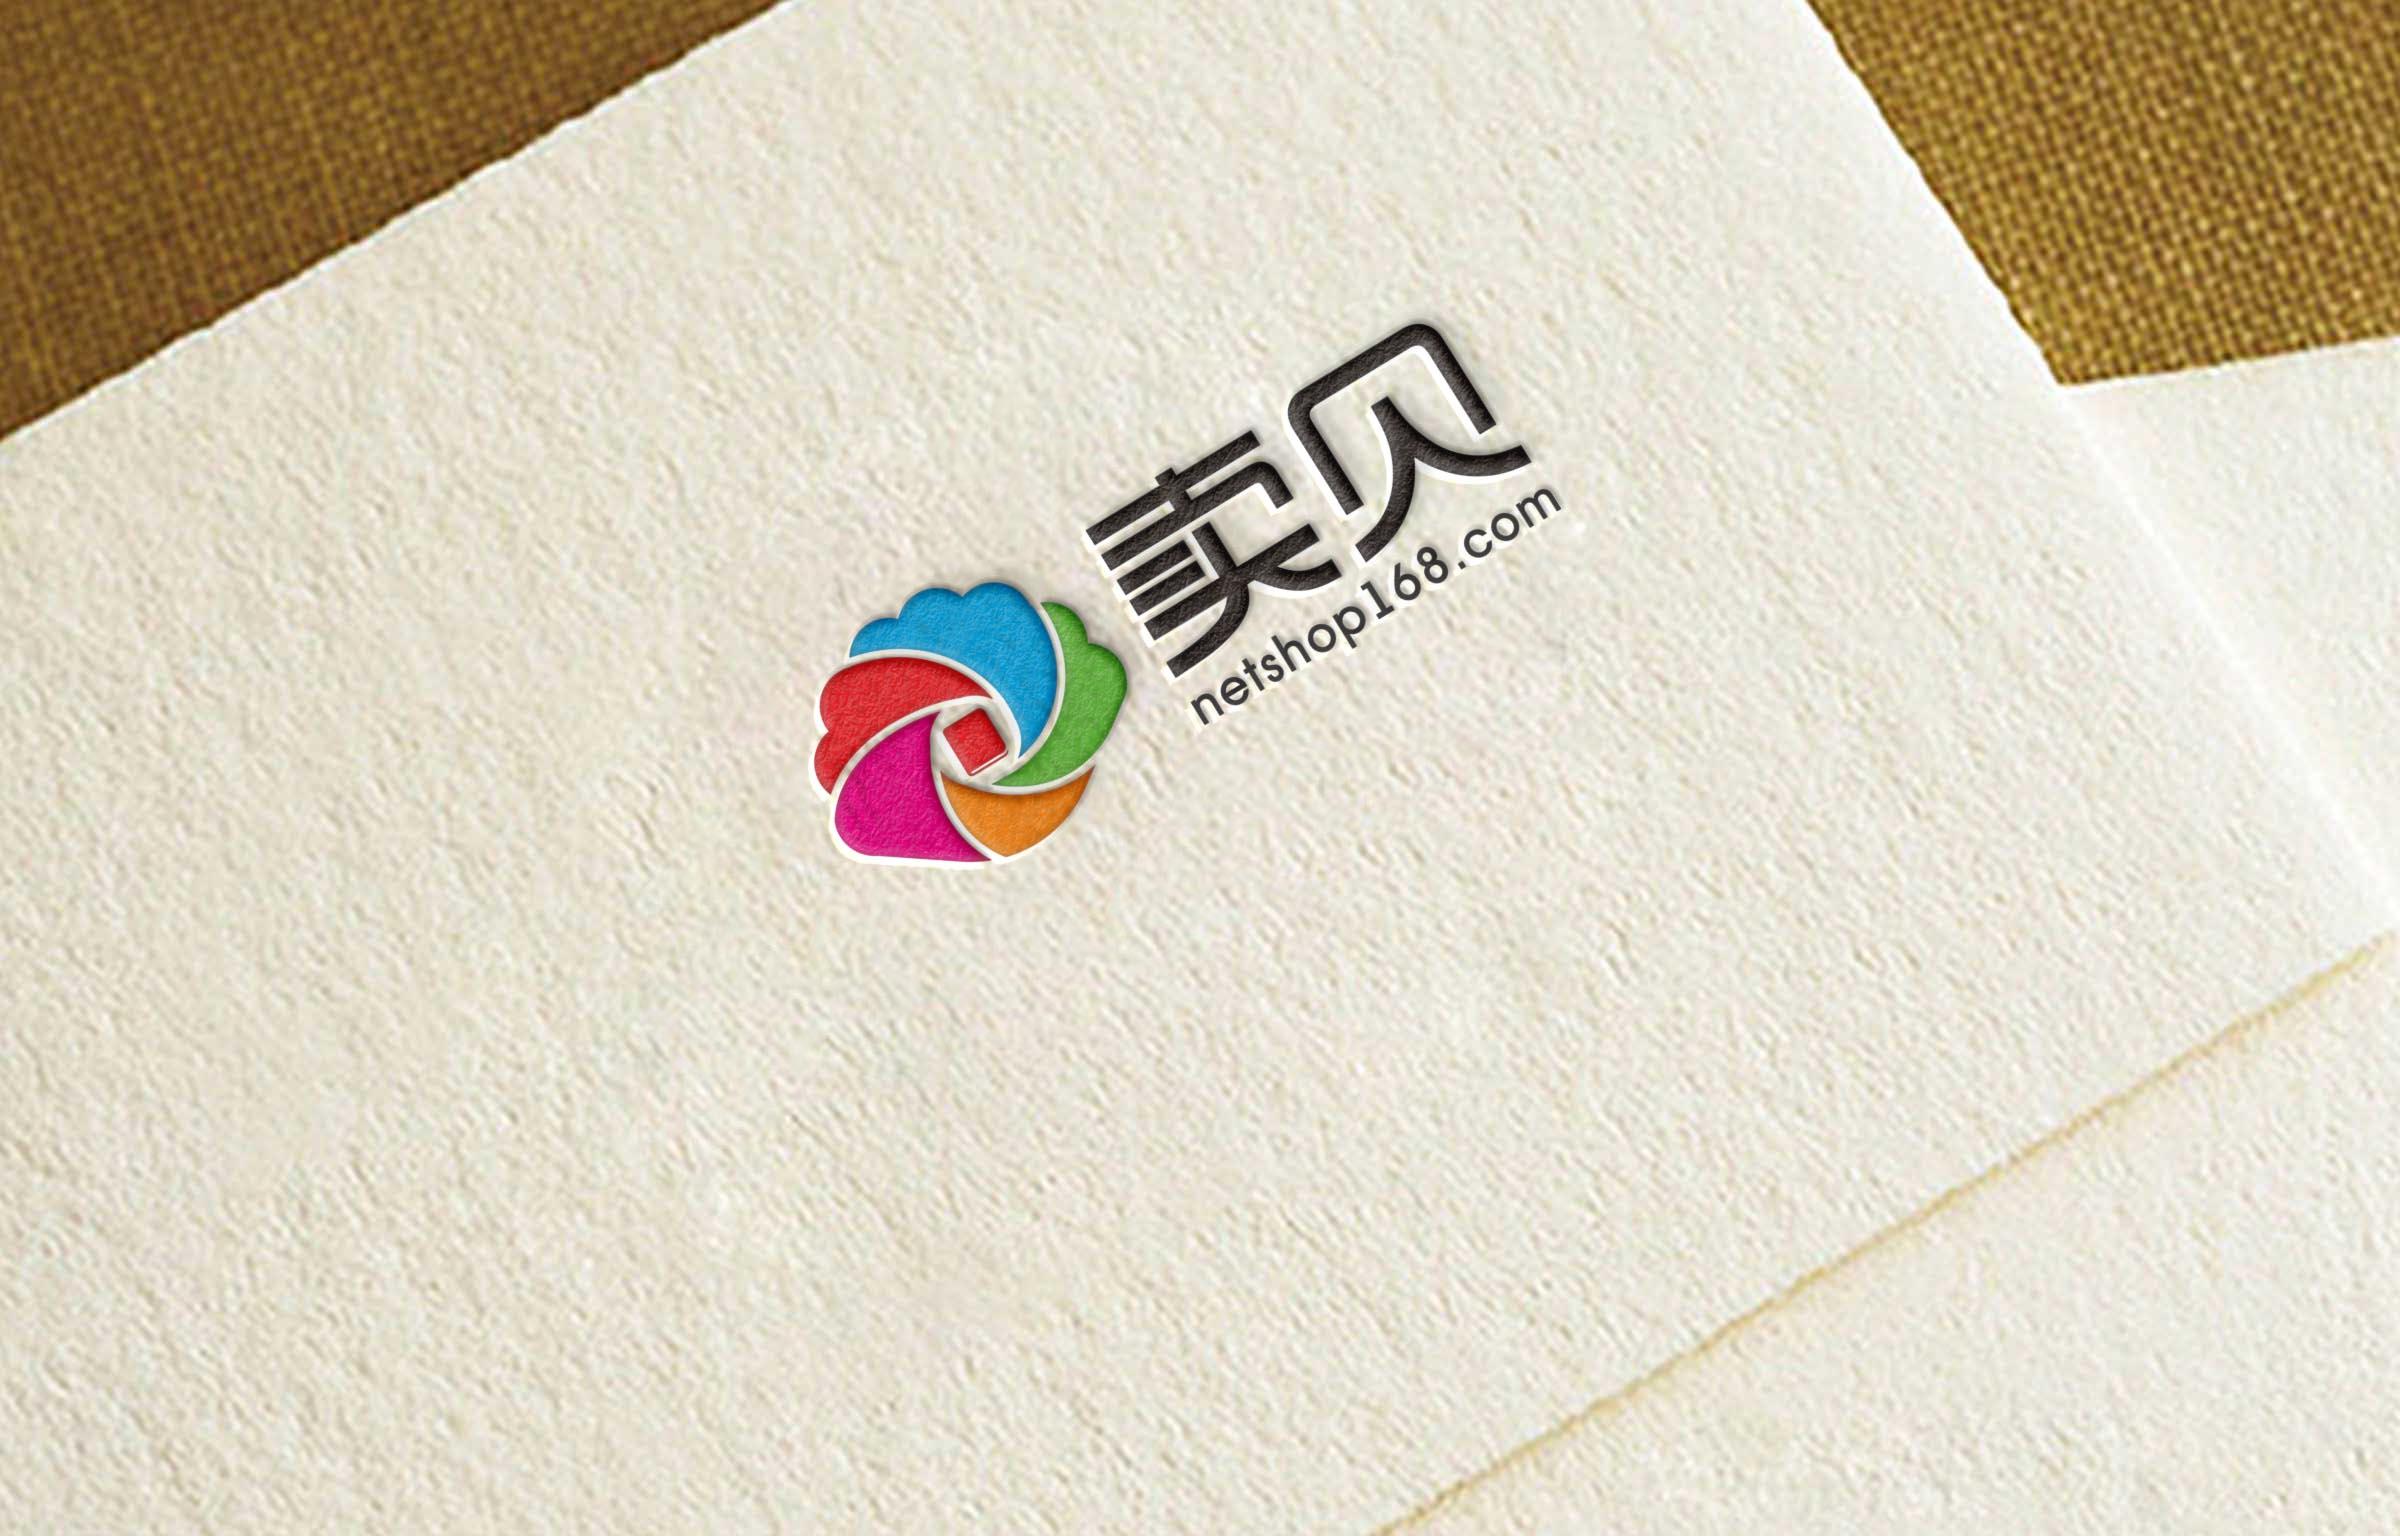 商城logo设计_3036148_k68威客网